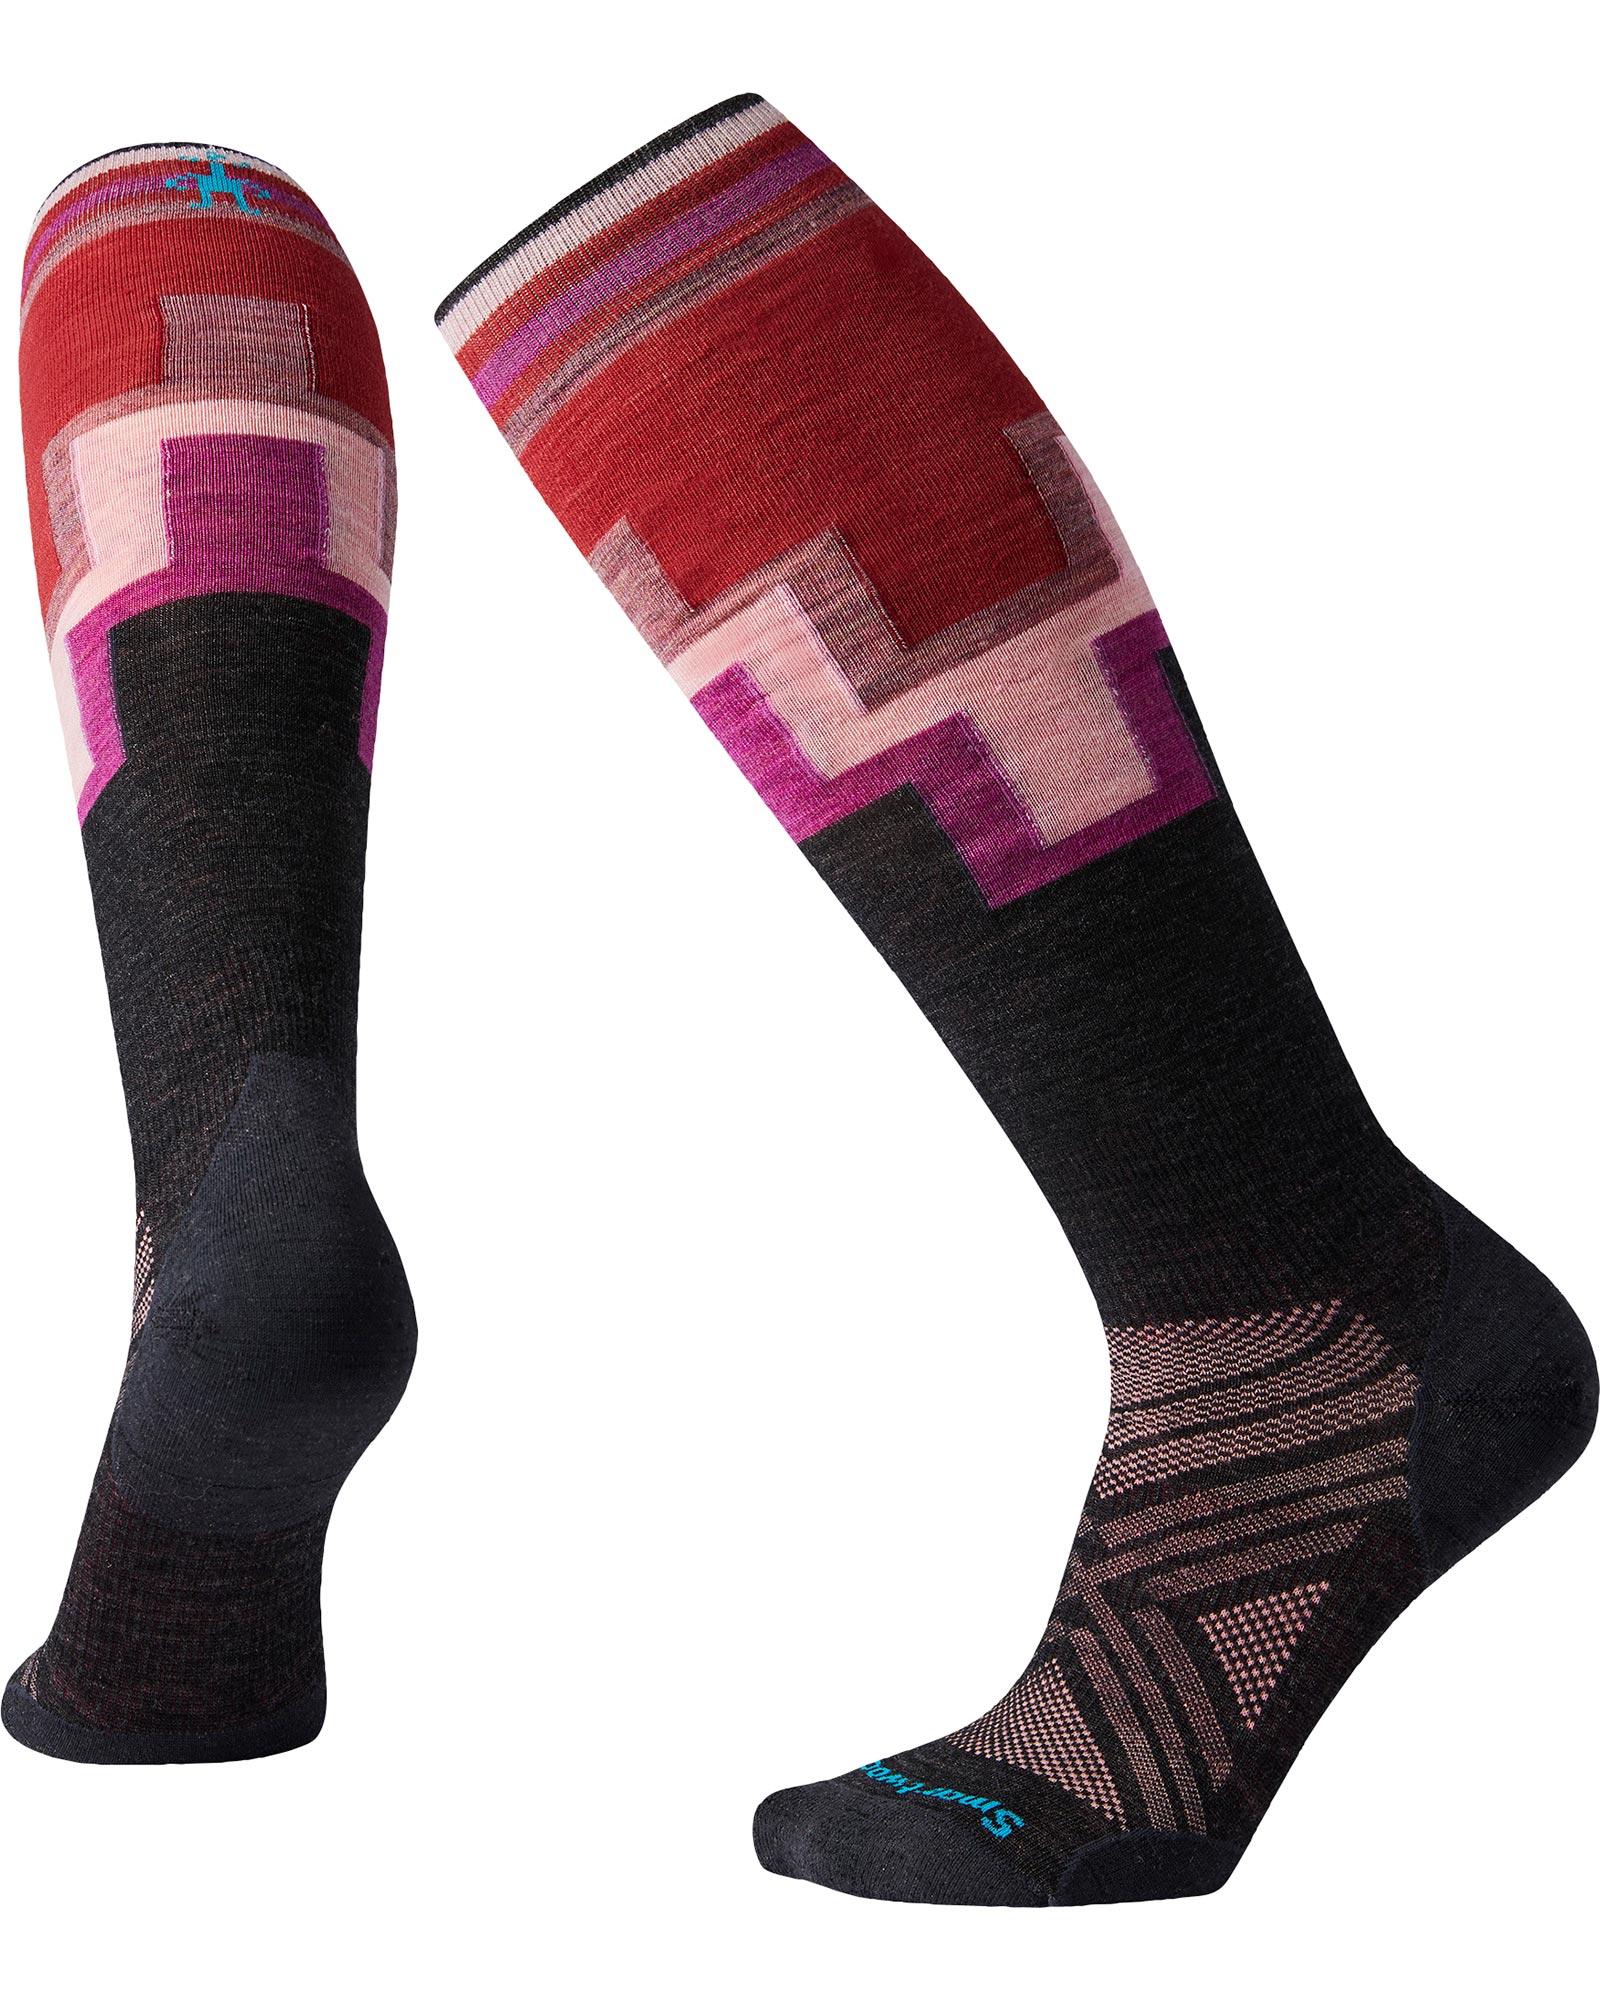 Smartwool Women's PhD Ski Ultra Light Socks 0